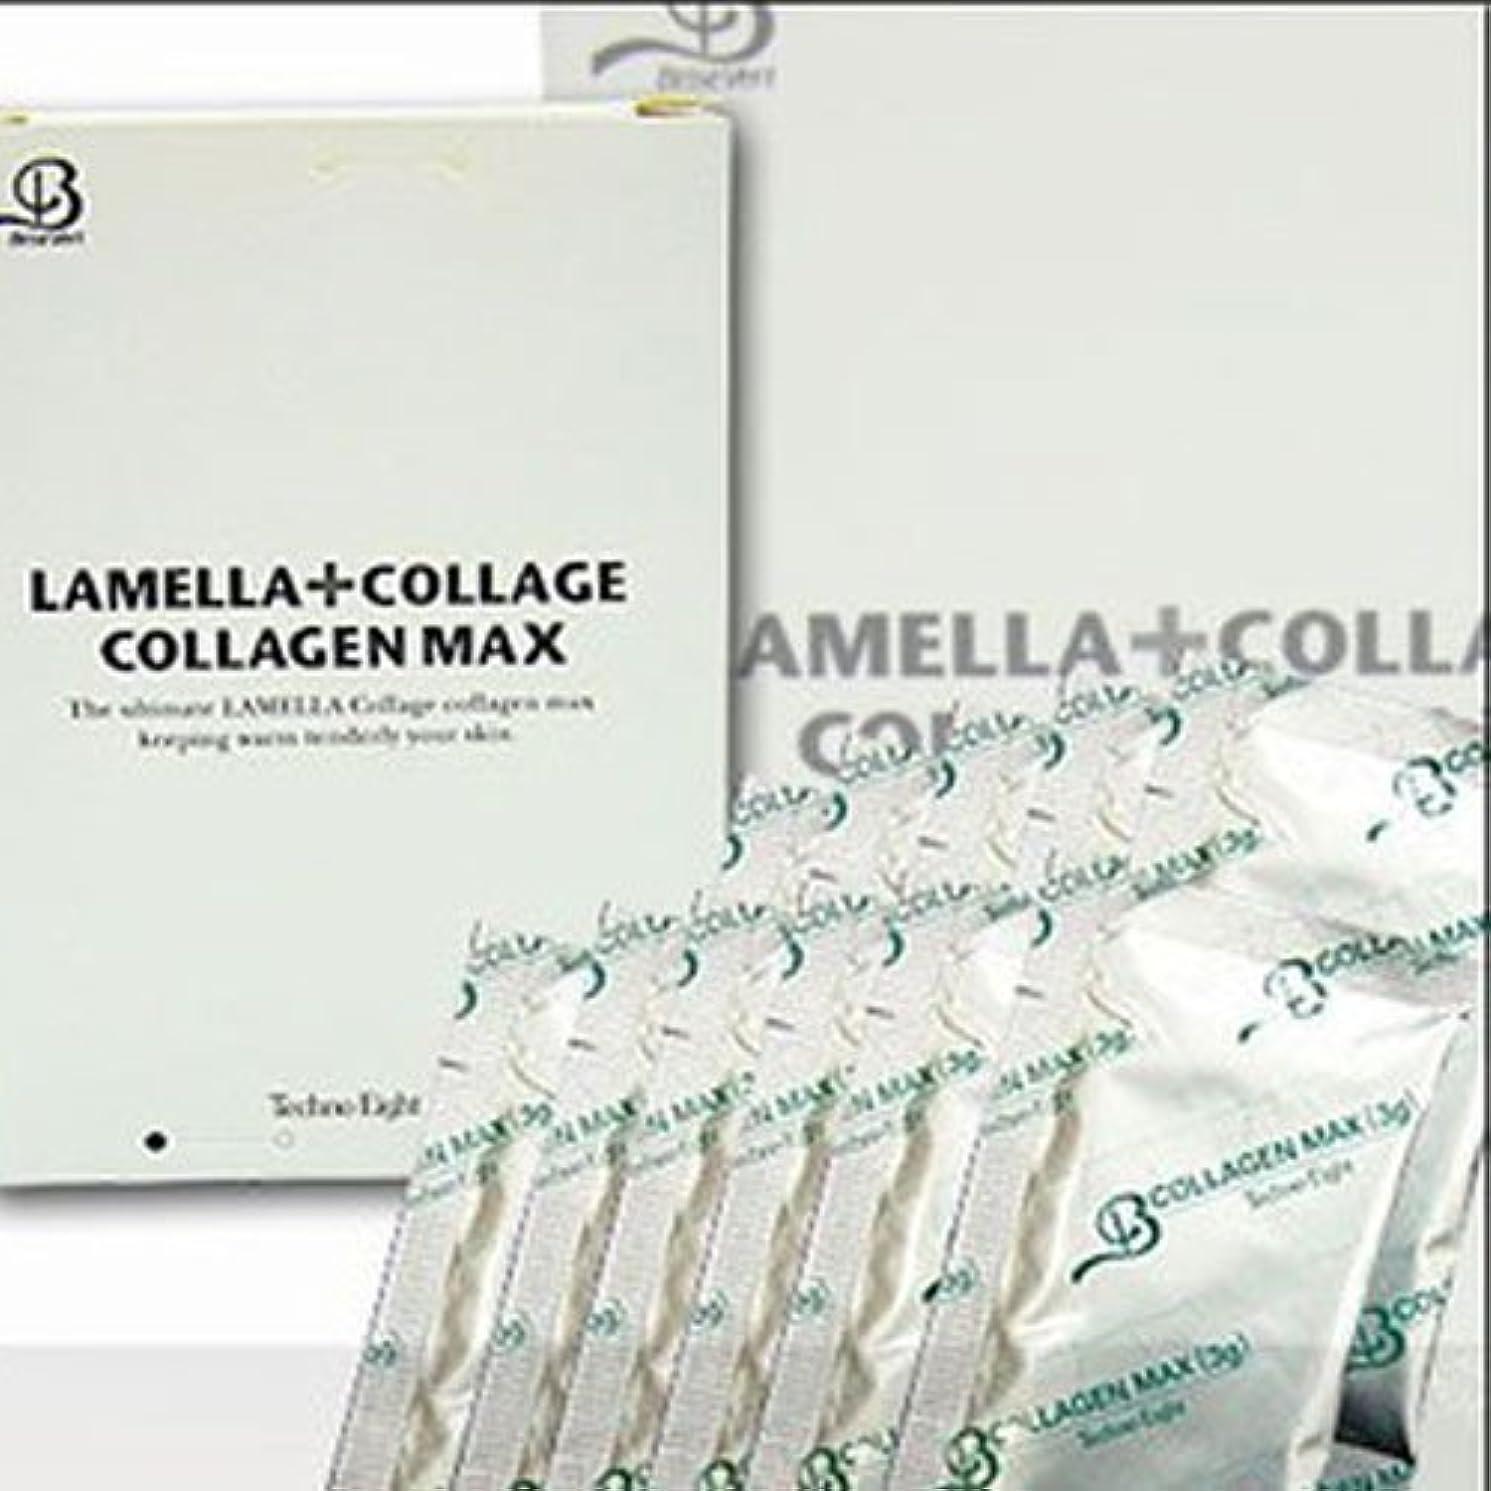 忌まわしい元の見るテクノエイト ブリーズベール ラメラ コラージュ Collagen MAX 30g (3gX10包) コラーゲンマックス